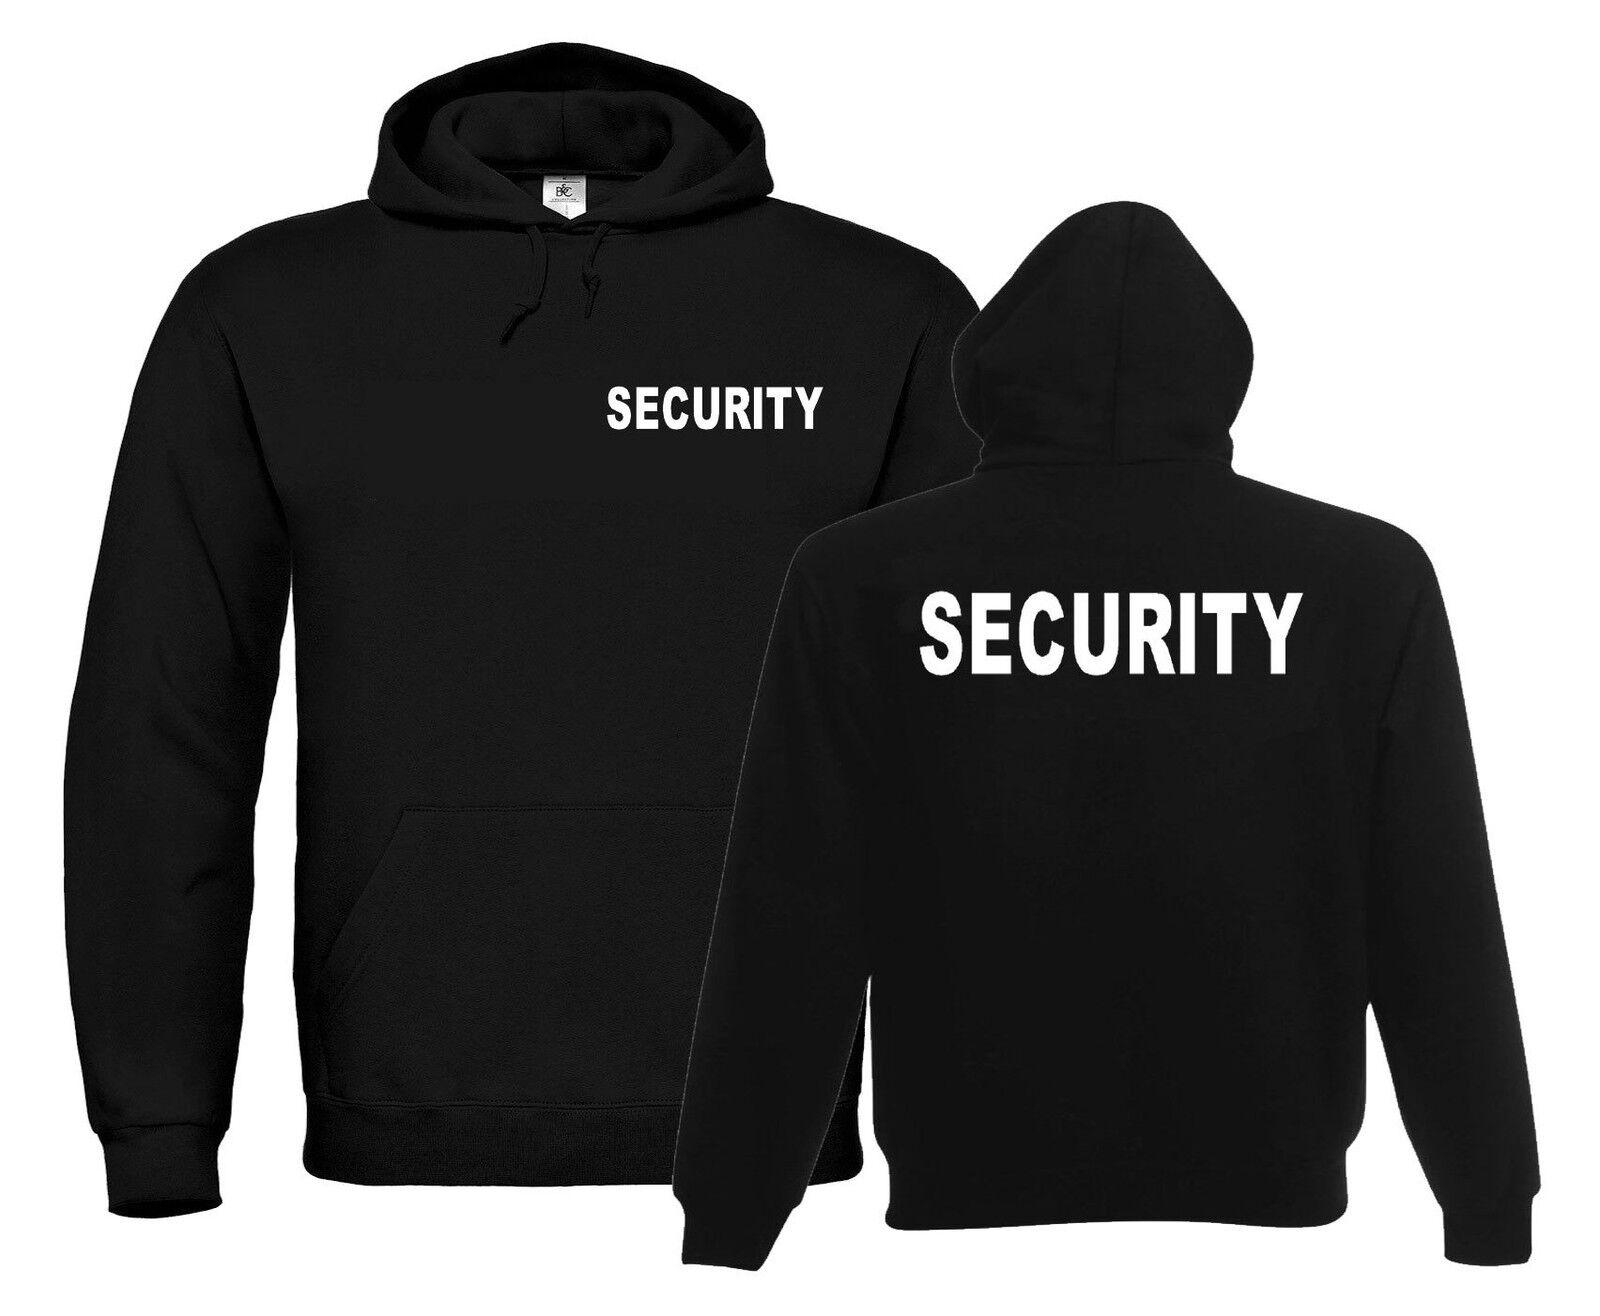 Security Kapuzen-Sweatshirt | Hoodie | Sicherheitsdienst | Wache        747-3-